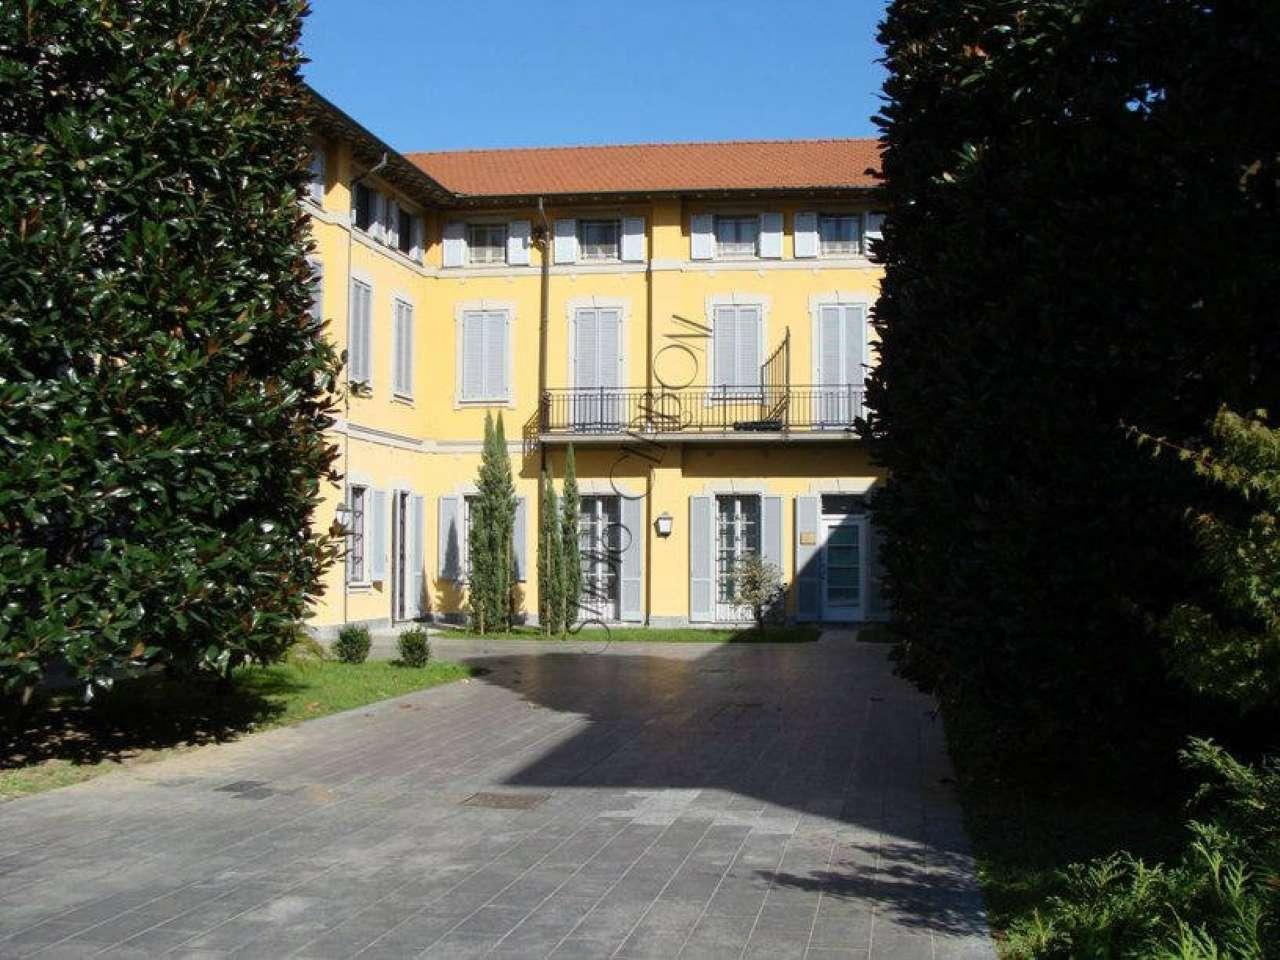 Ufficio / Studio in vendita a Gorgonzola, 2 locali, prezzo € 160.000 | PortaleAgenzieImmobiliari.it